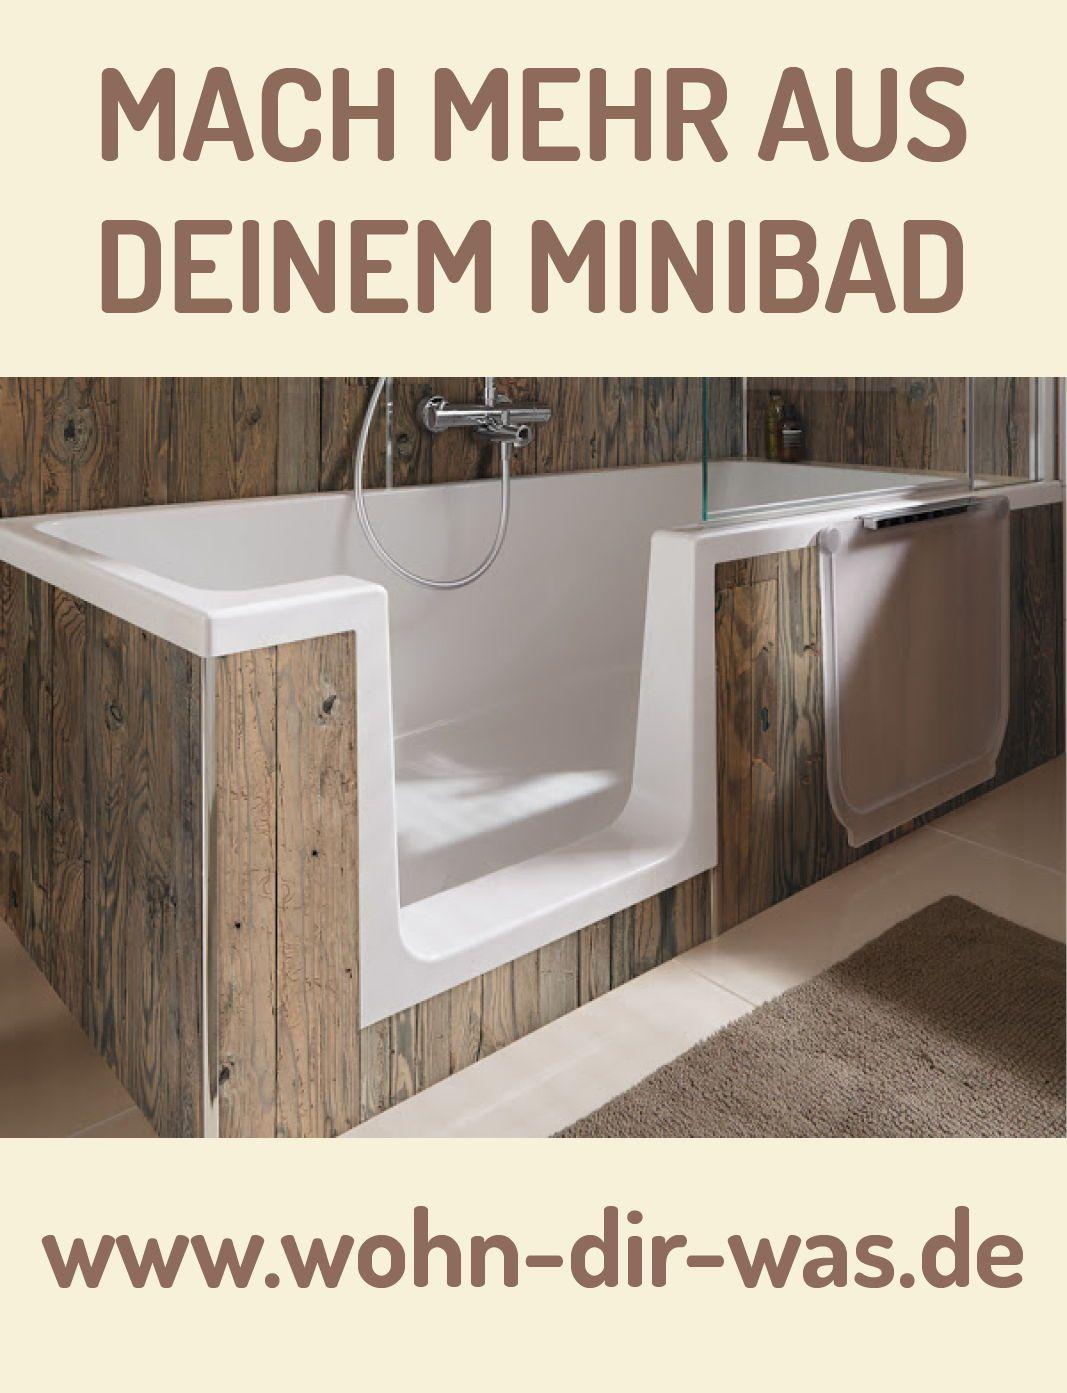 So viel kostet dein Traumbad   Mini bad, Bad, Neues bad kosten